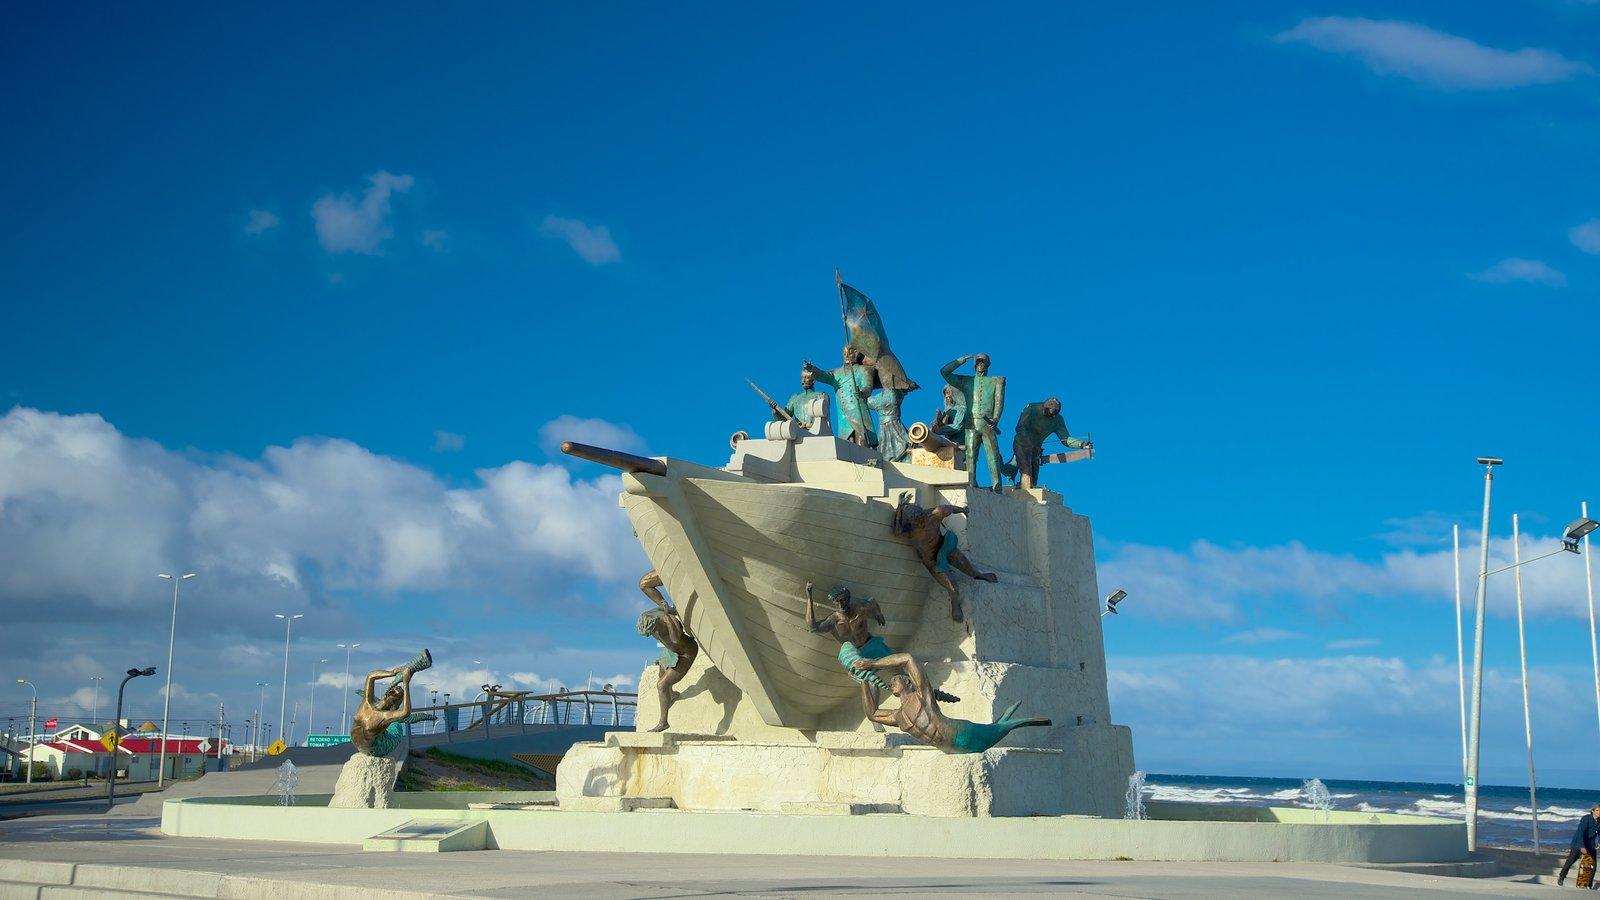 Punta Arenas que inclui uma estátua ou escultura, paisagens litorâneas e arte ao ar livre